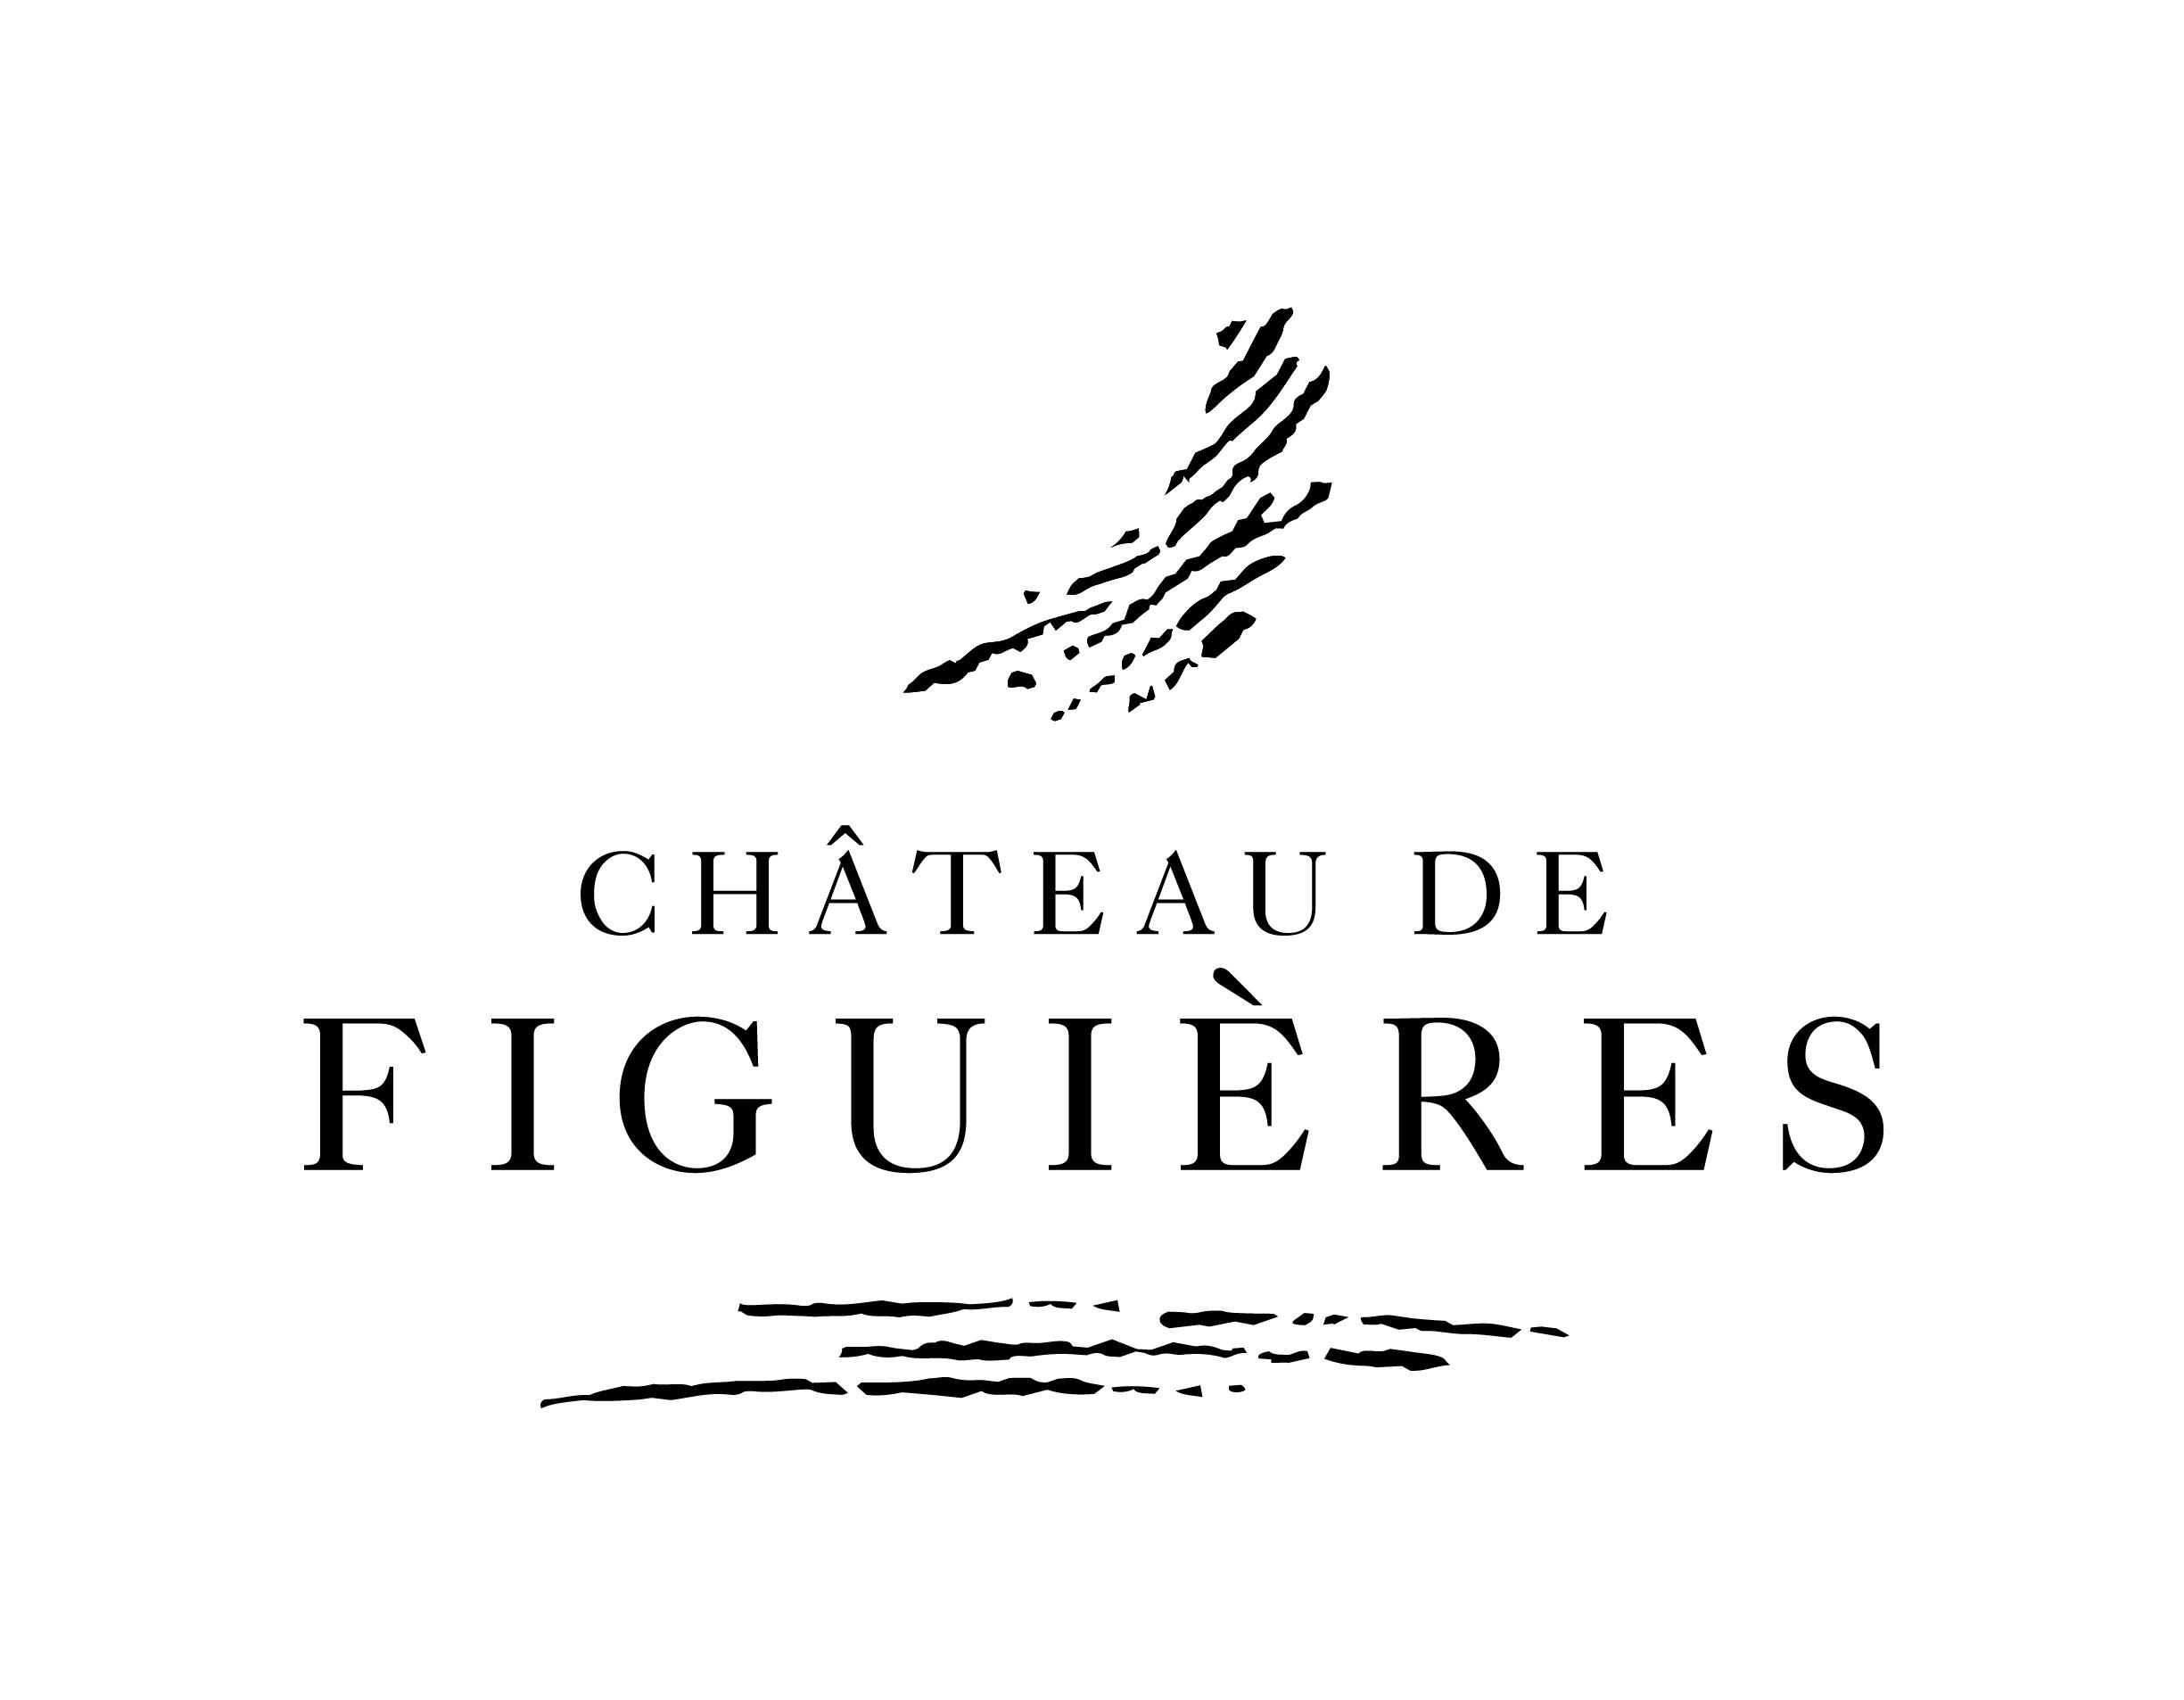 image-prop-contact-chateau-de-figuieres